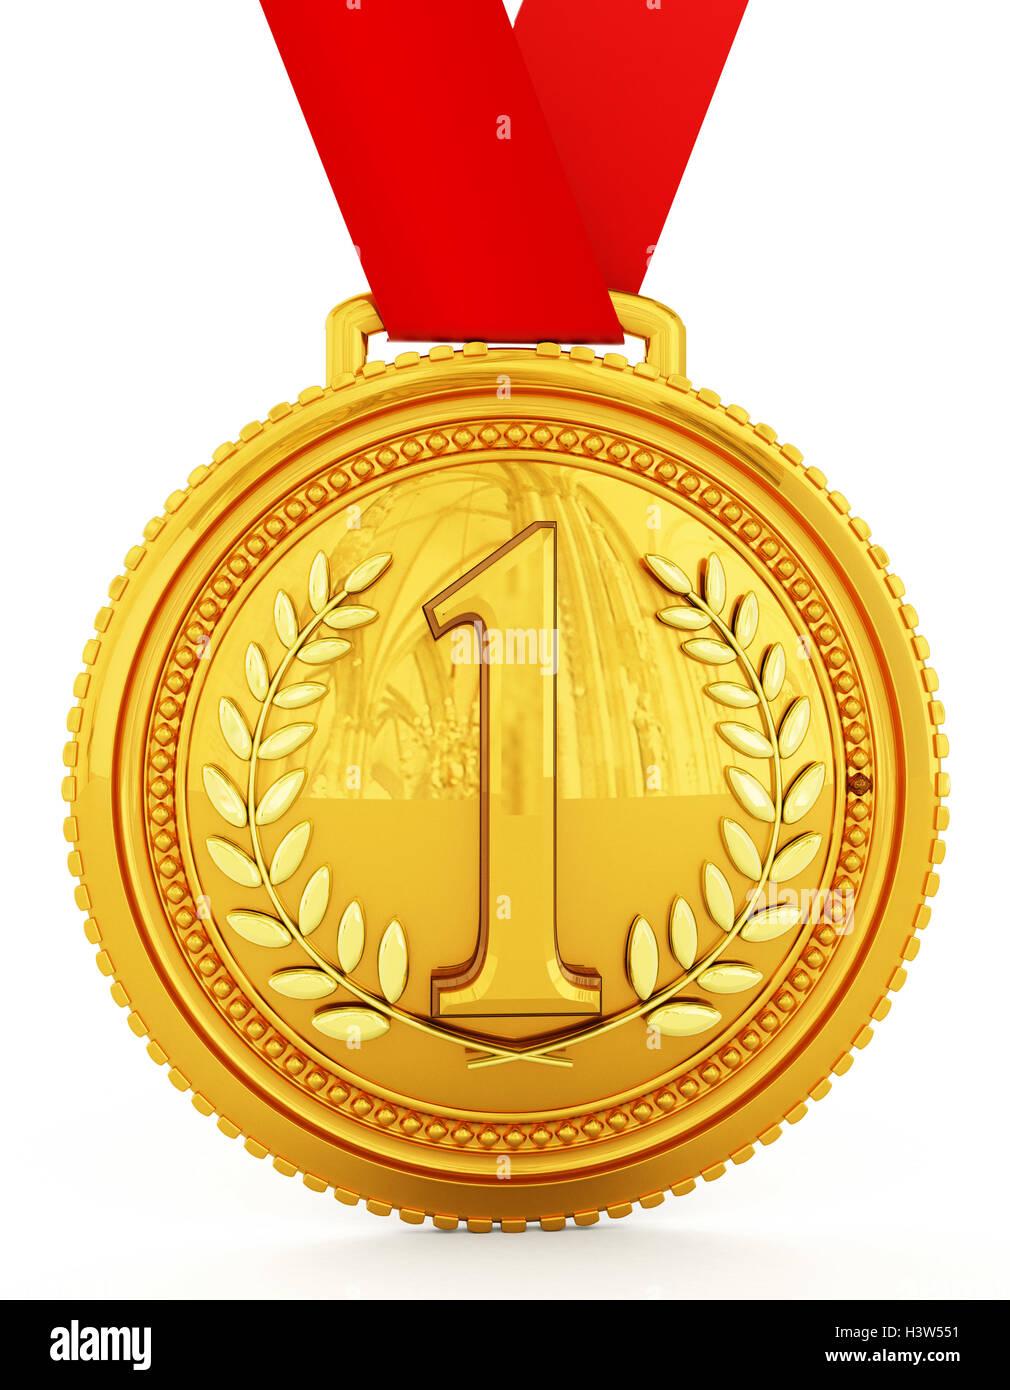 Medalla de Oro con el número uno. Ilustración 3D. Foto de stock